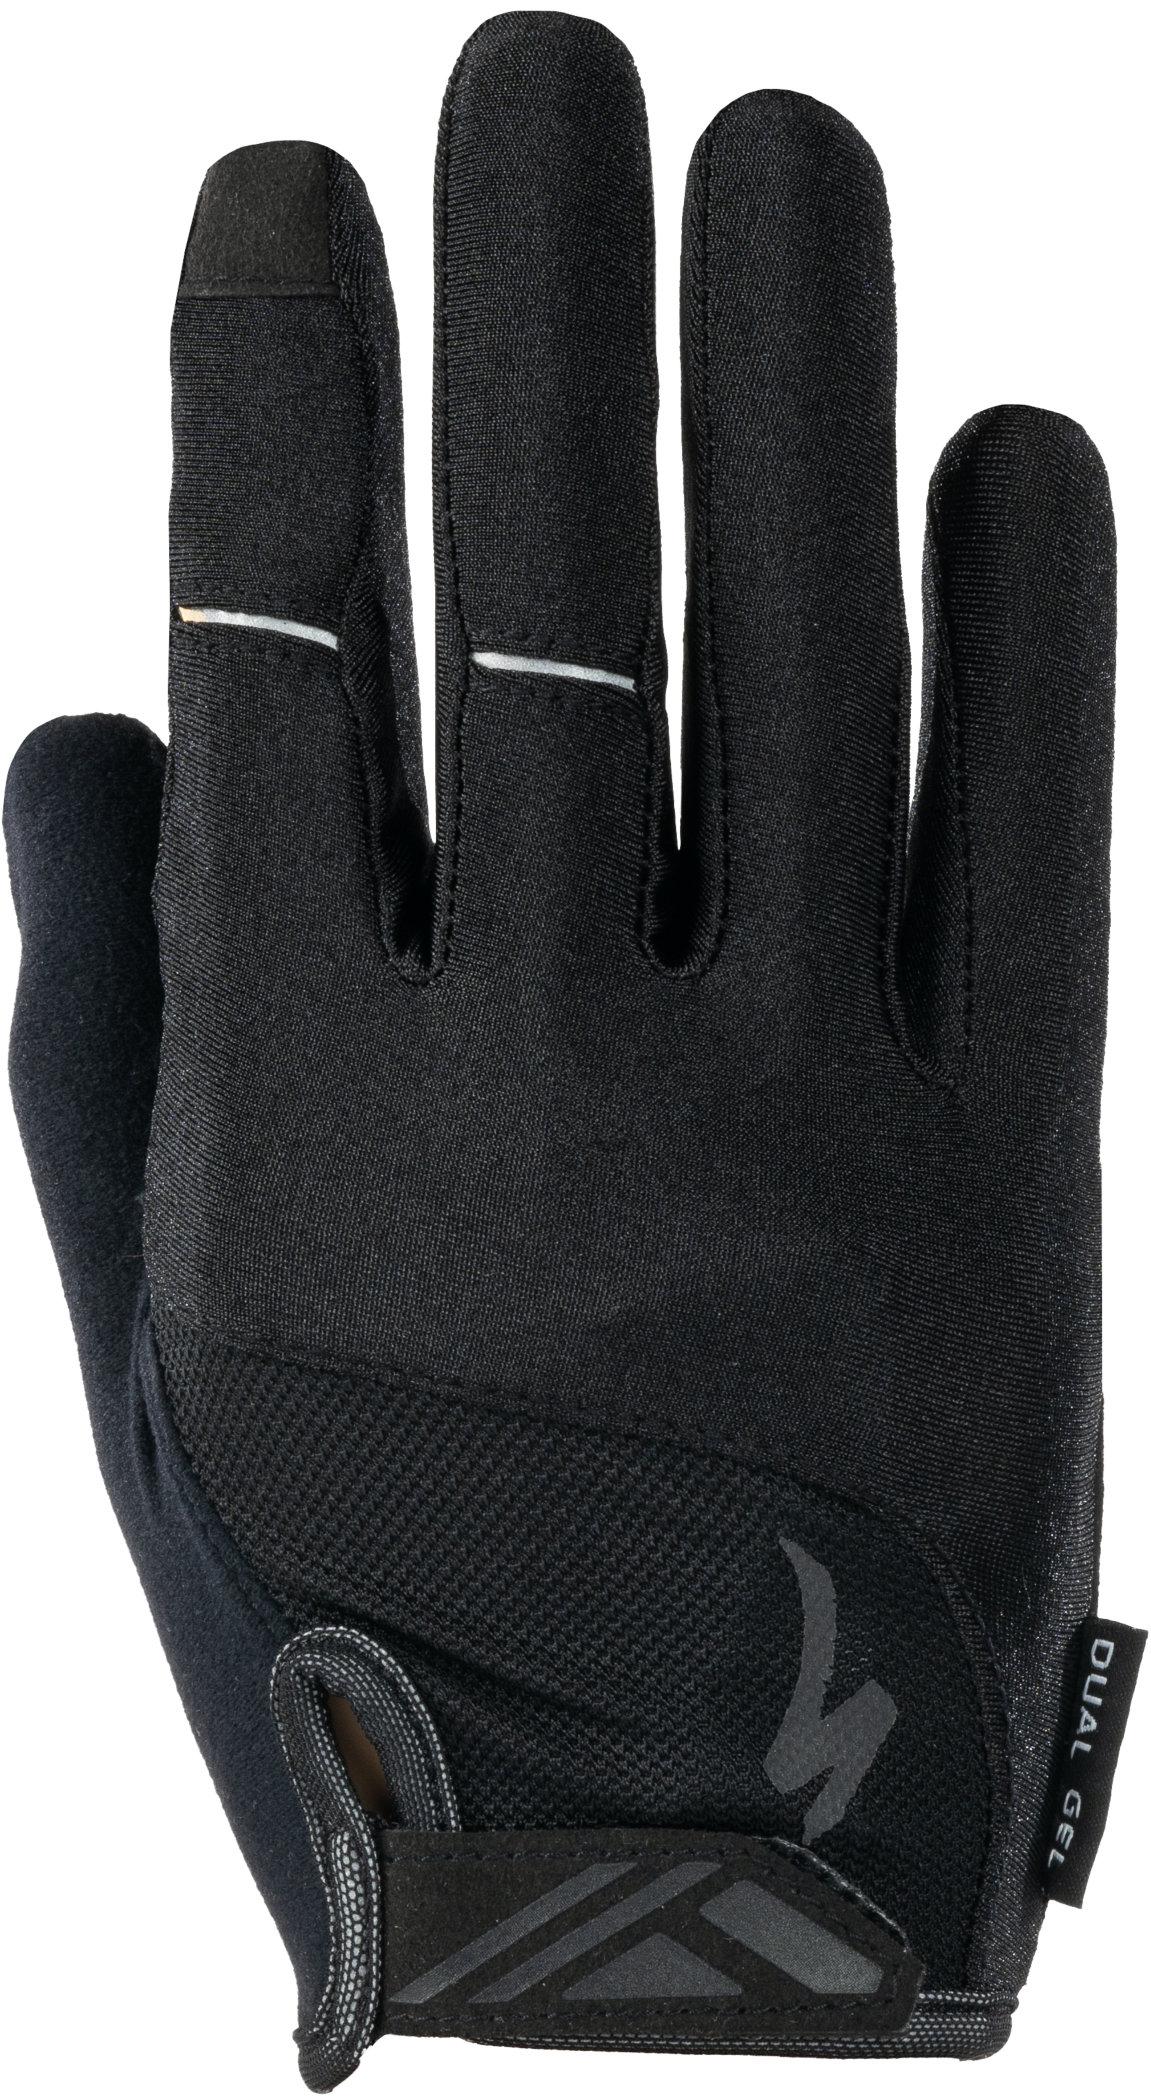 Specialized Bg Dual Gel Glove Lf Glove Lf